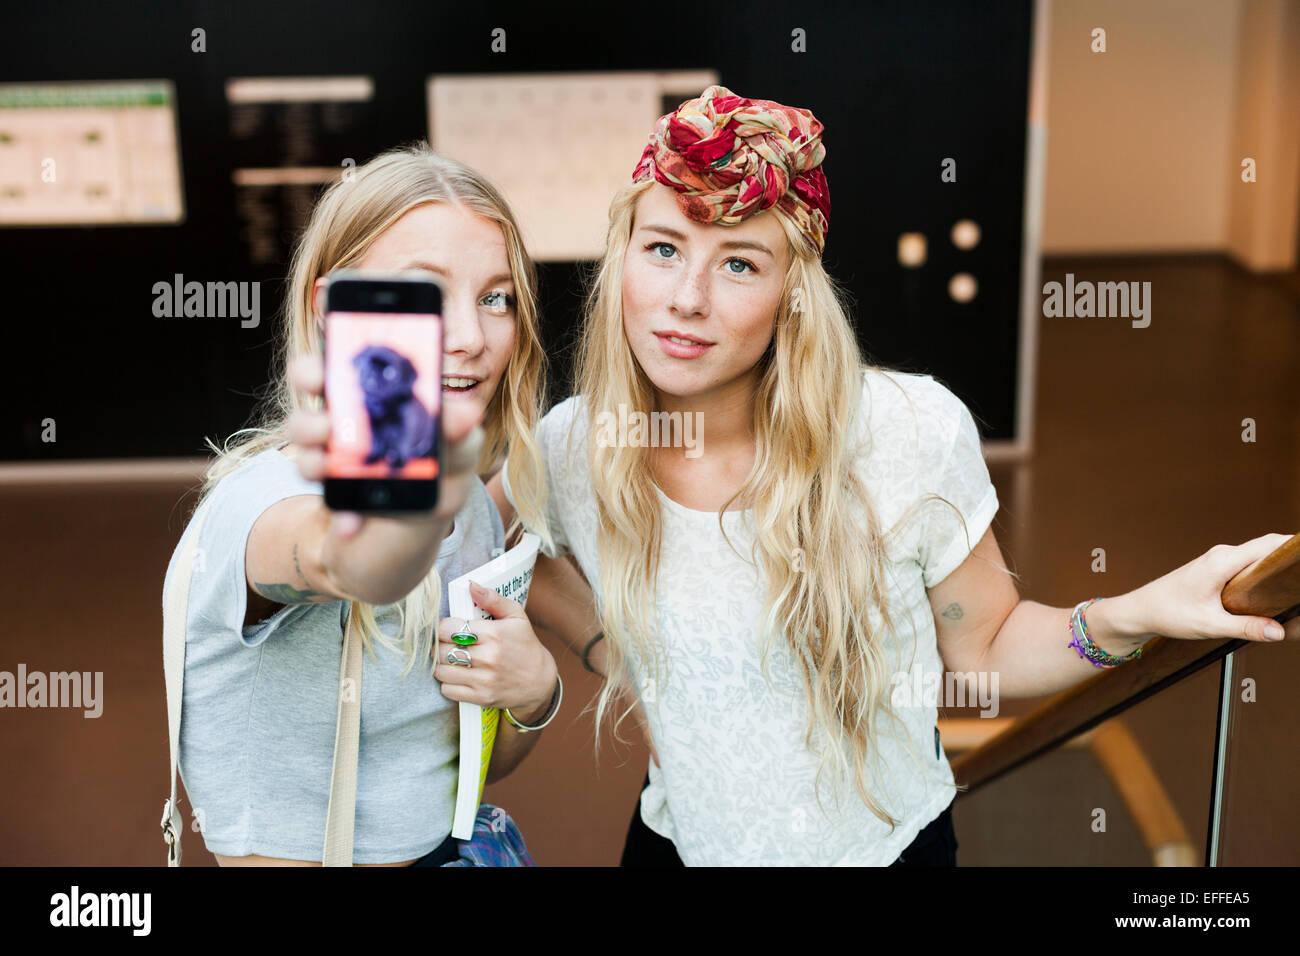 Porträt der Studentinnen mit Foto im Smartphone am college Stockbild